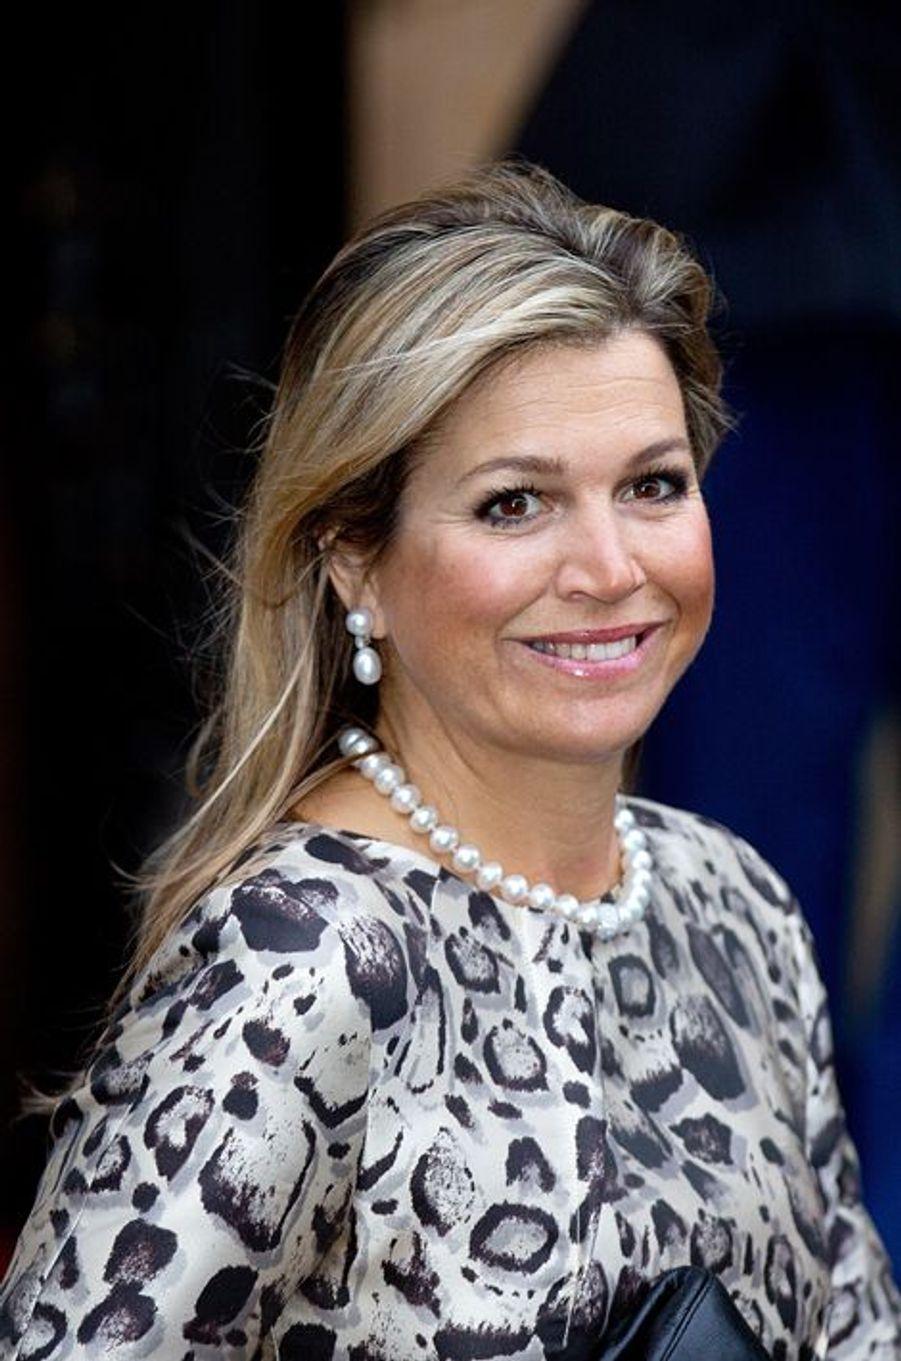 La reine Maxima des Pays-Bas à Amsterdam, le 14 janvier 2015